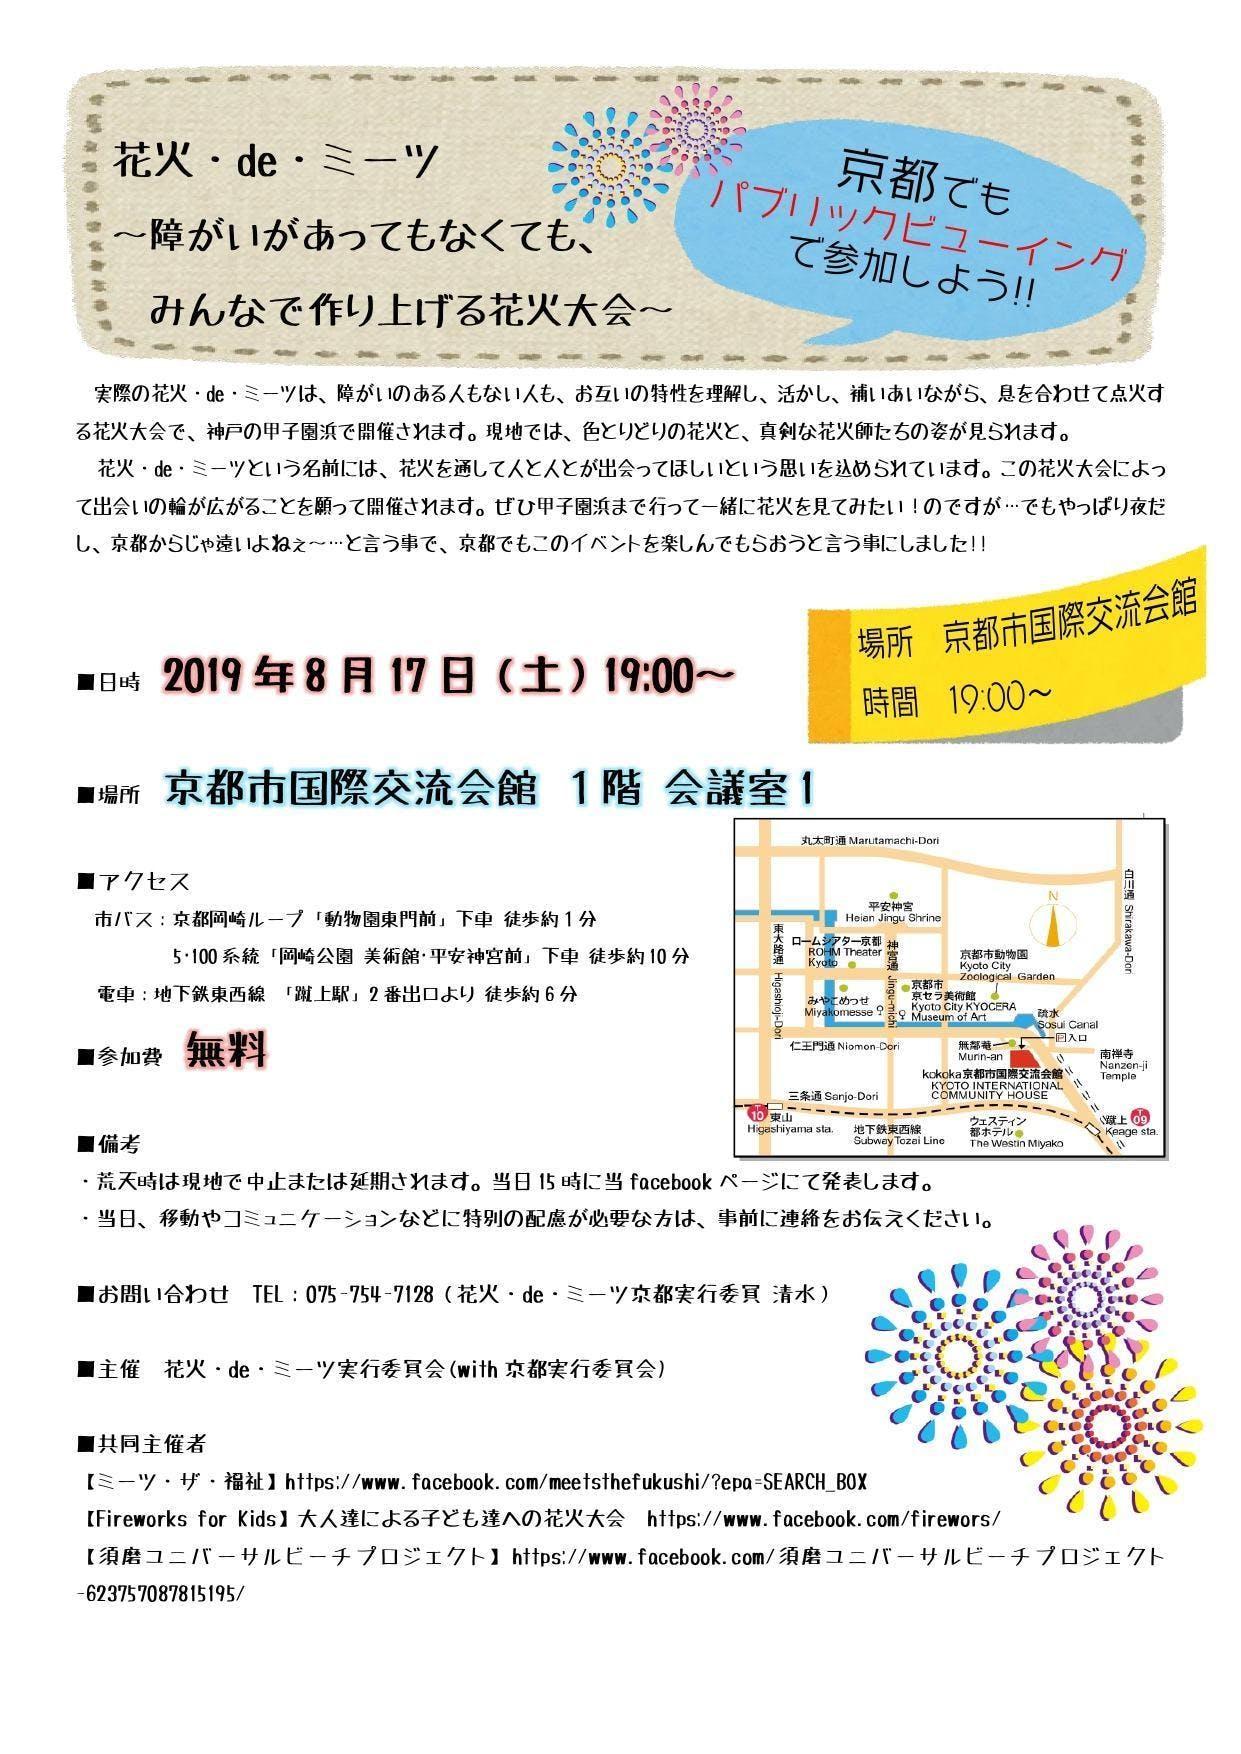 花火 プロジェクト 京都